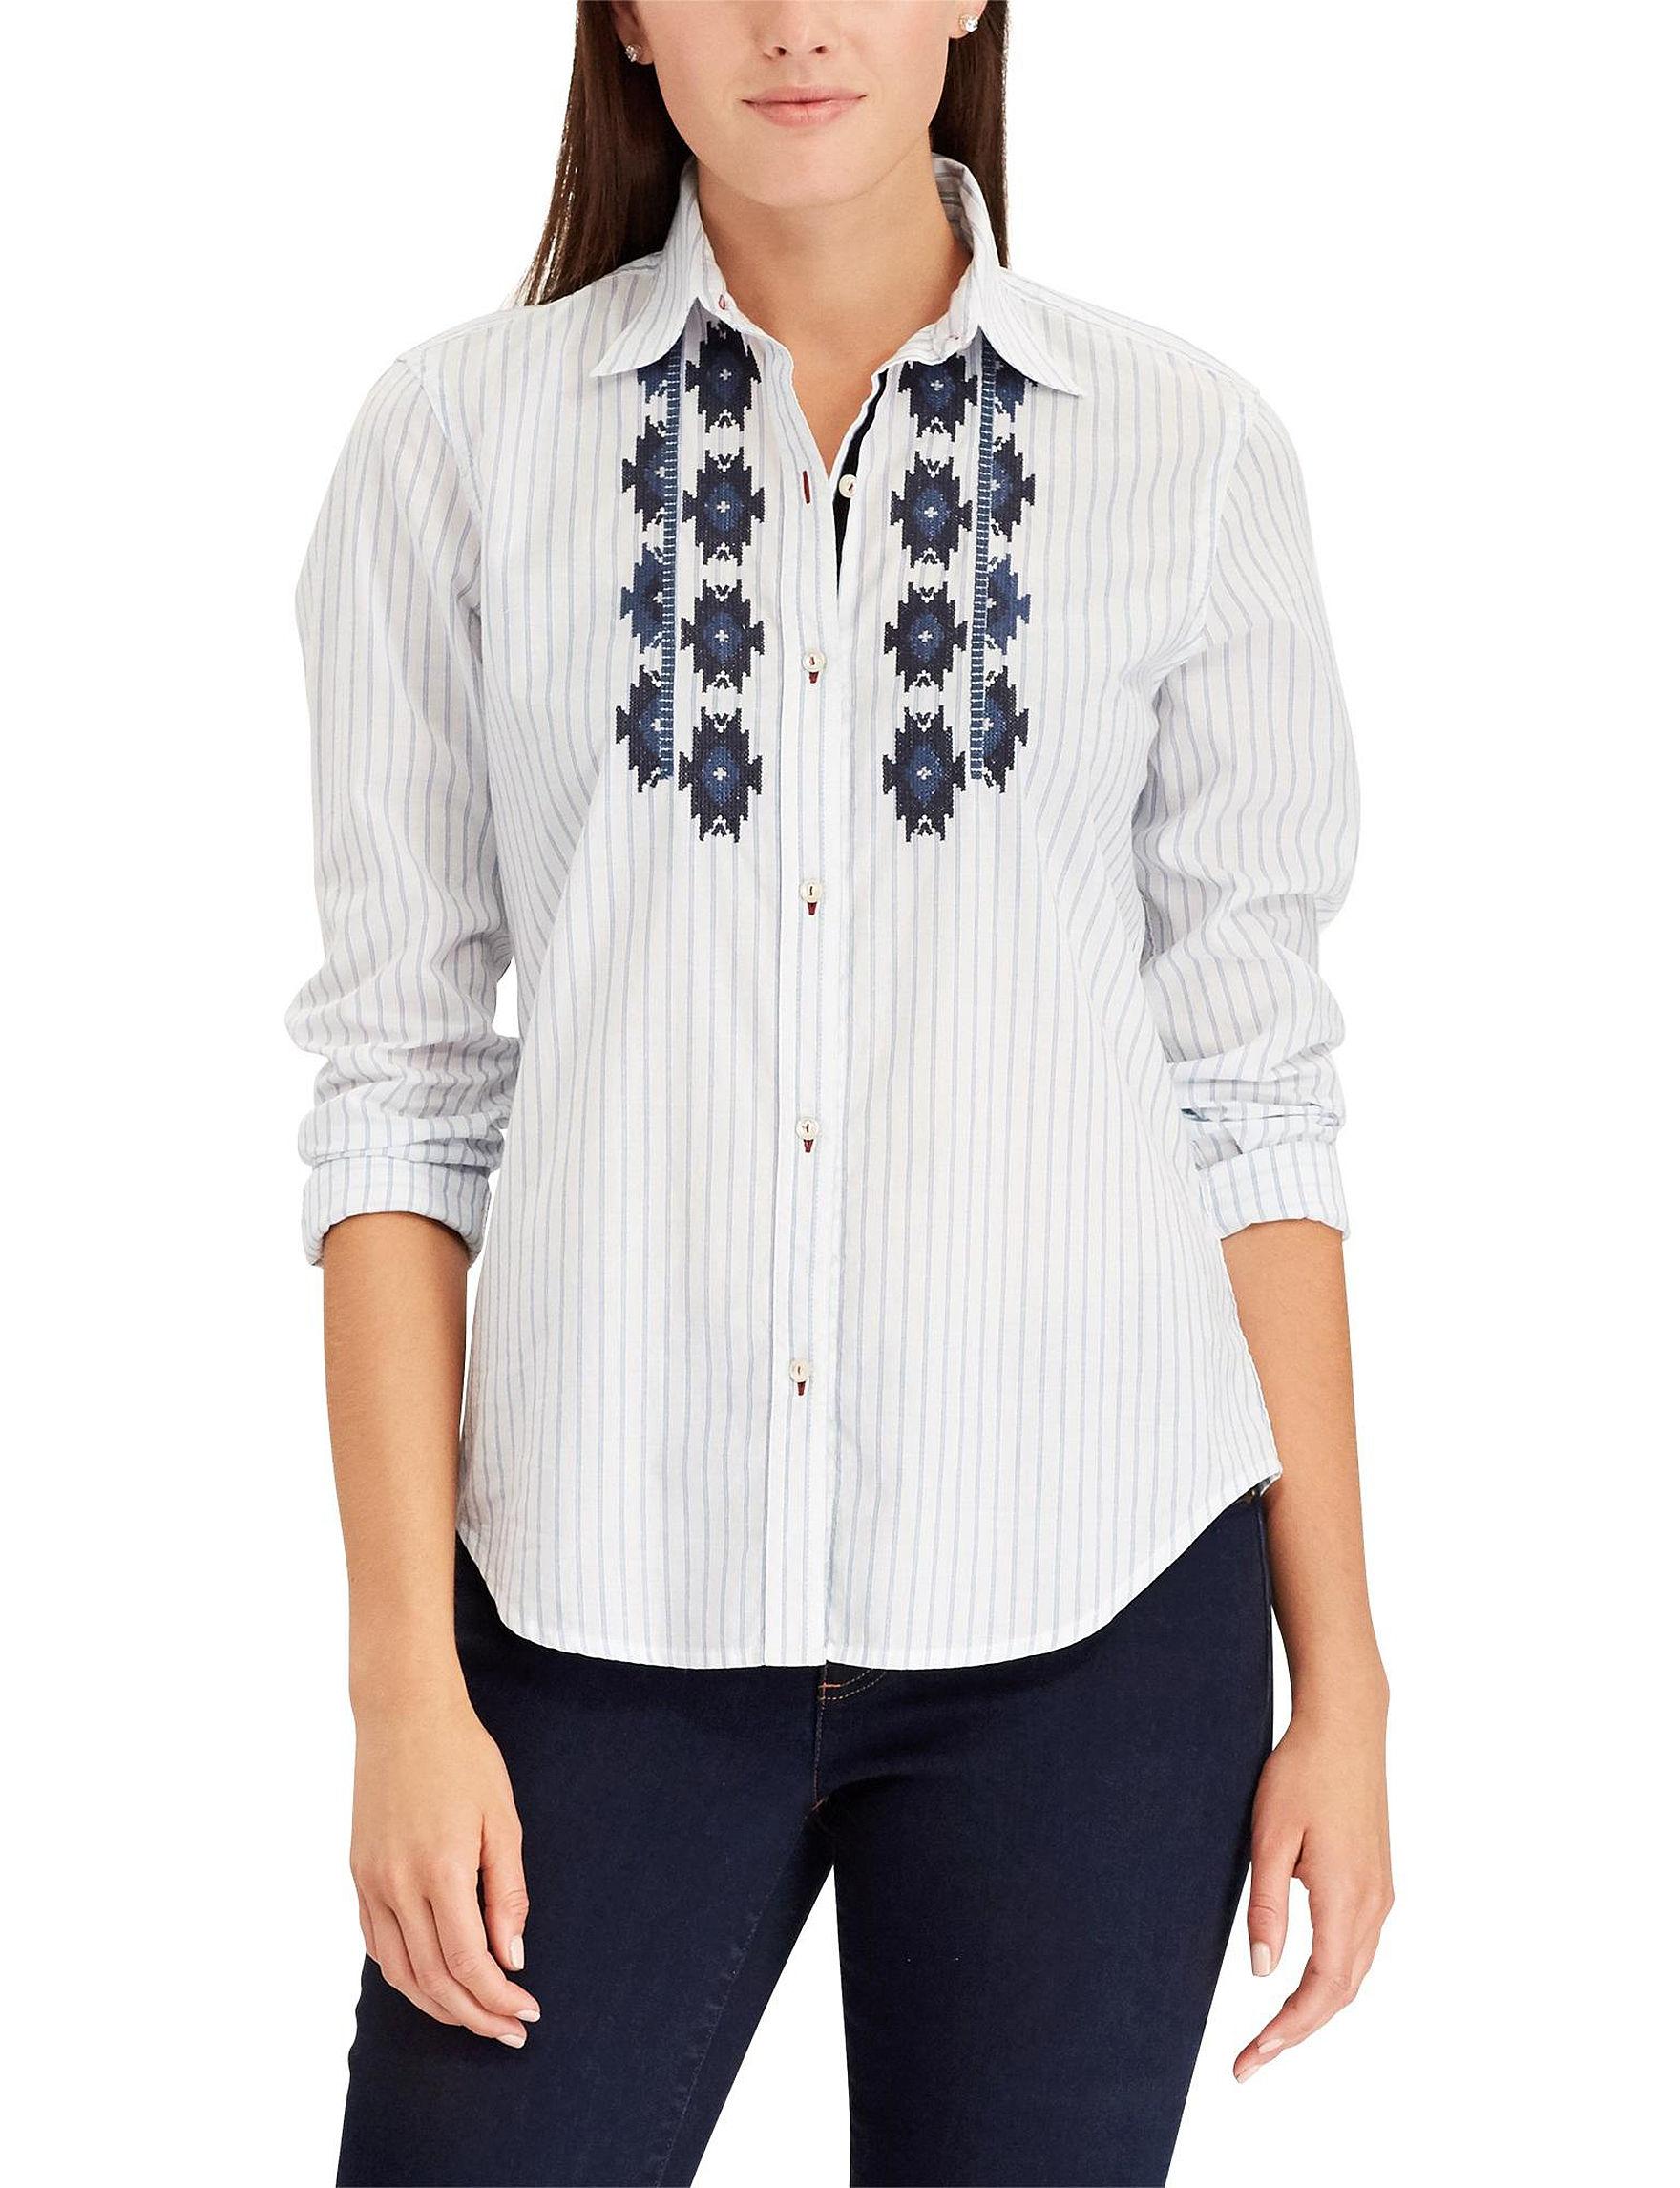 Chaps White Stripe Shirts & Blouses